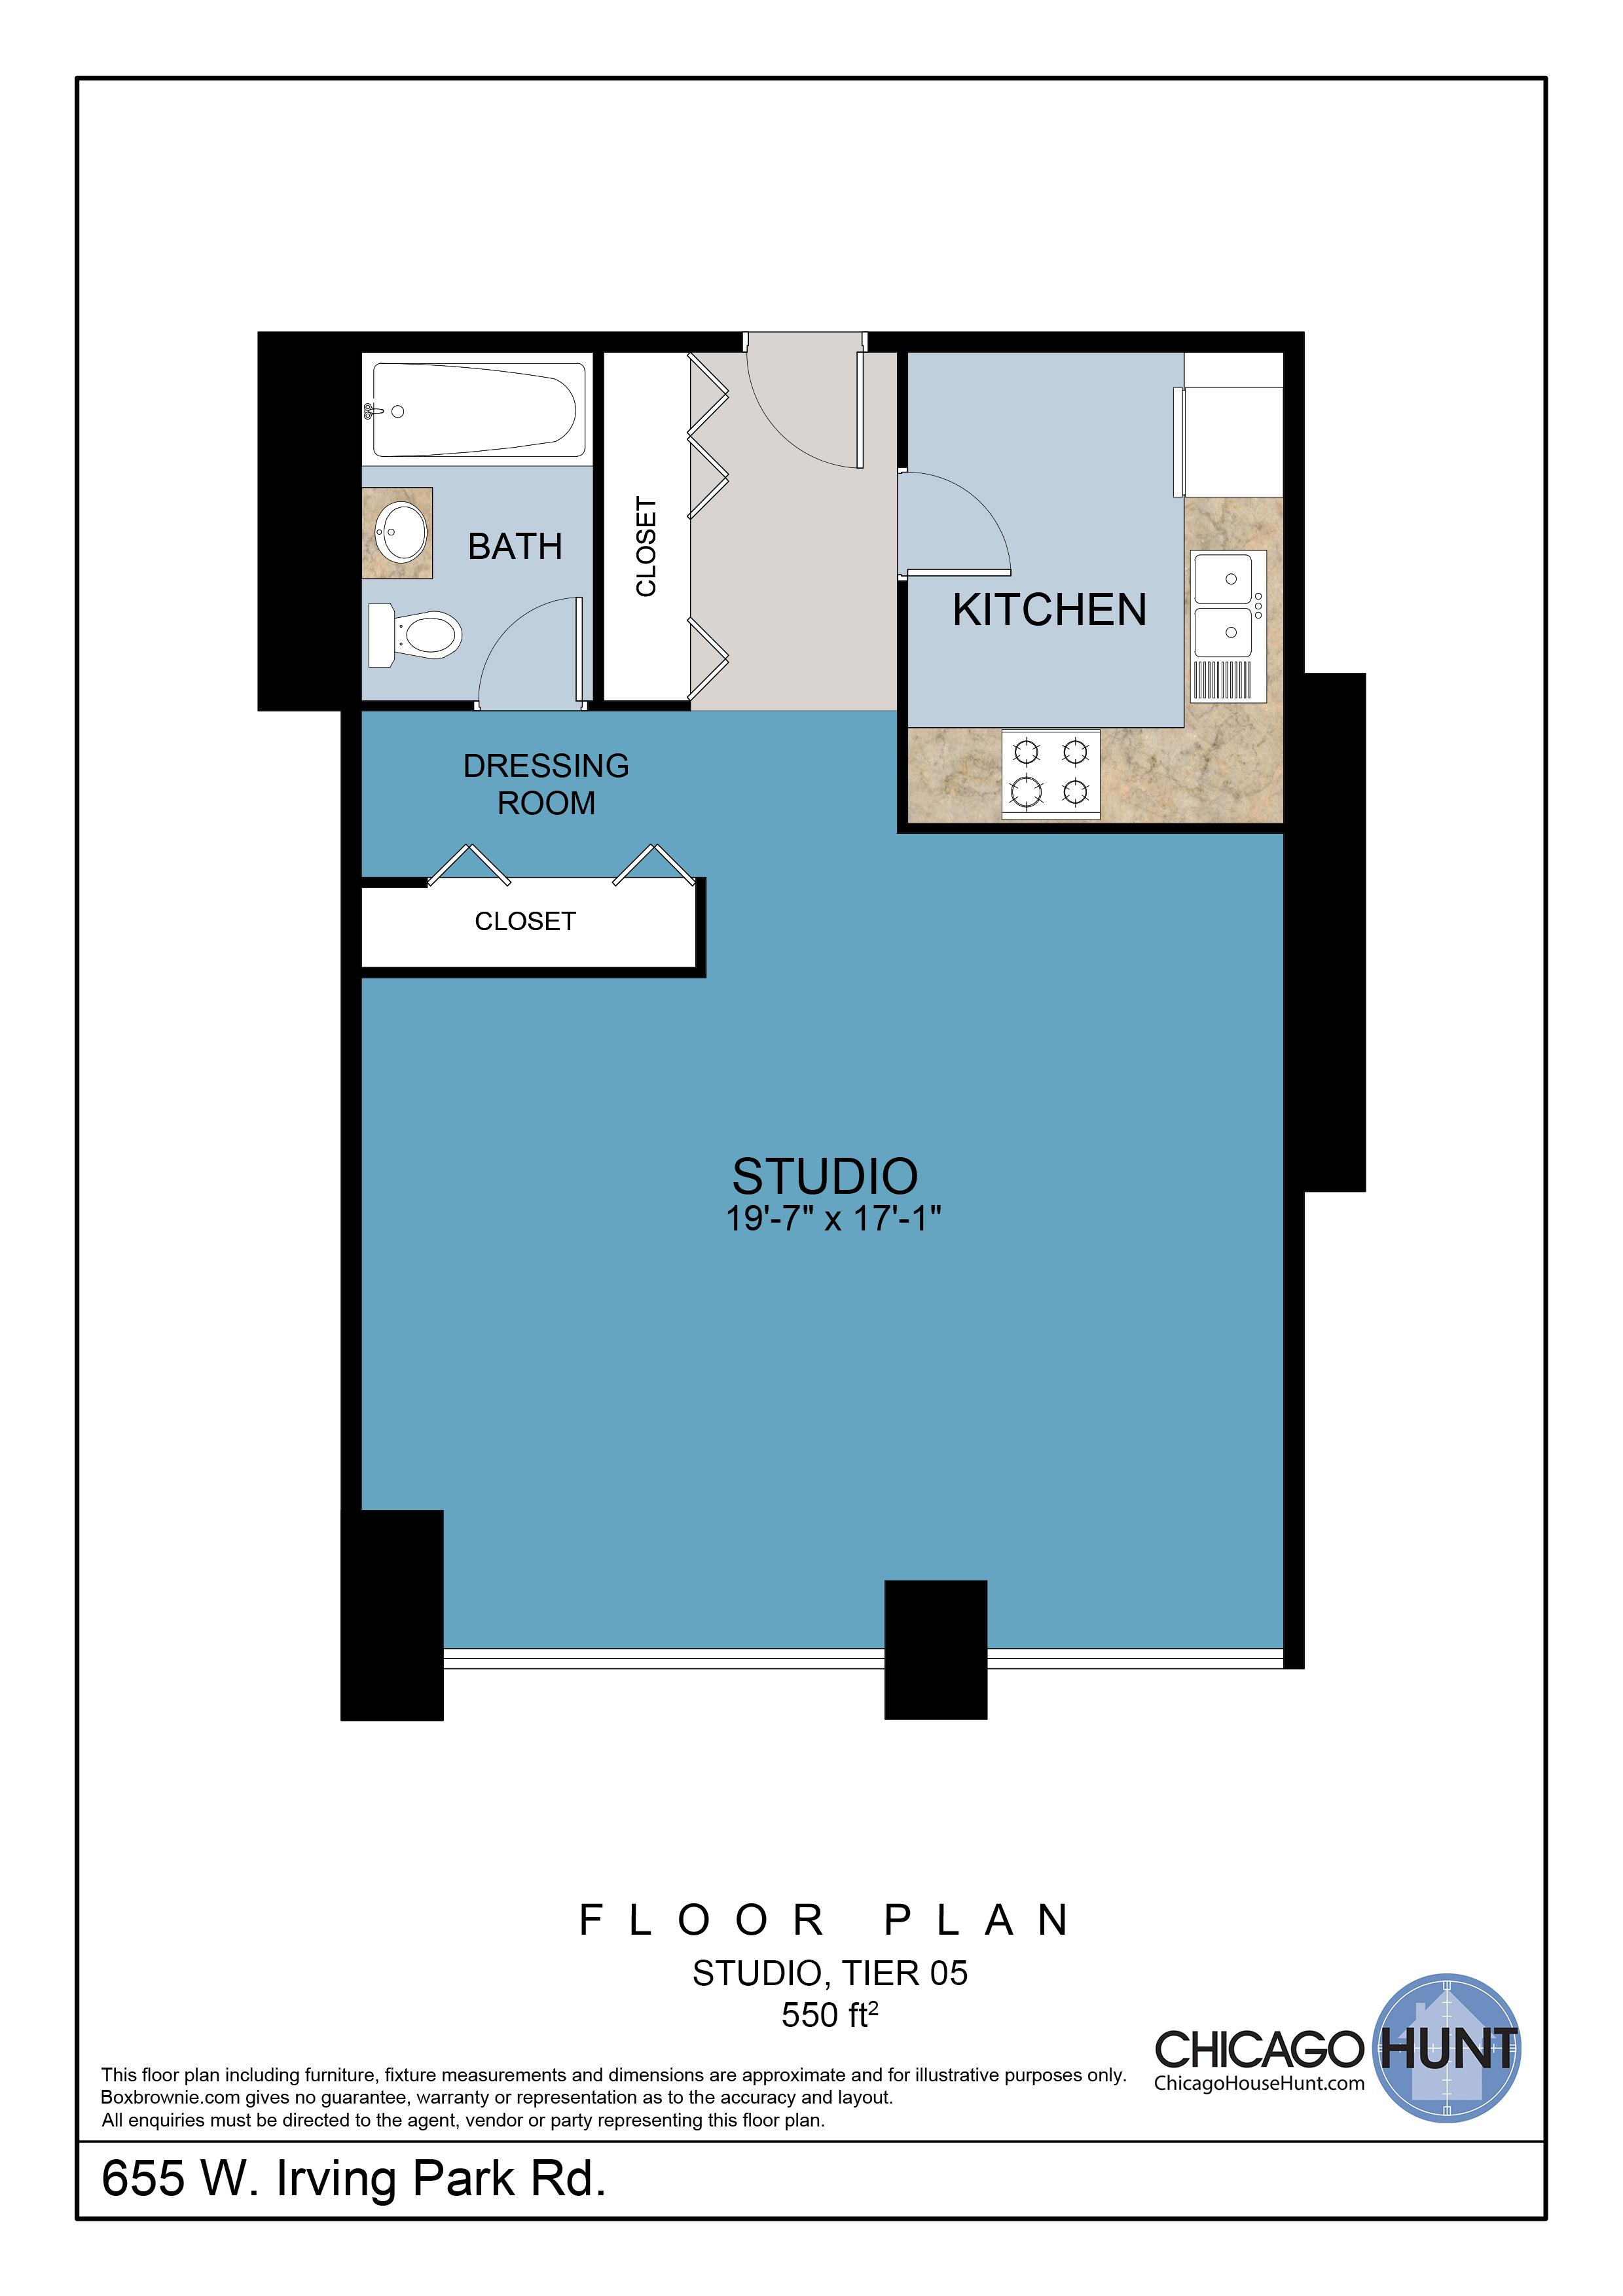 655 Irving Park, Park Place Towere - Floor Plan - Tier 05